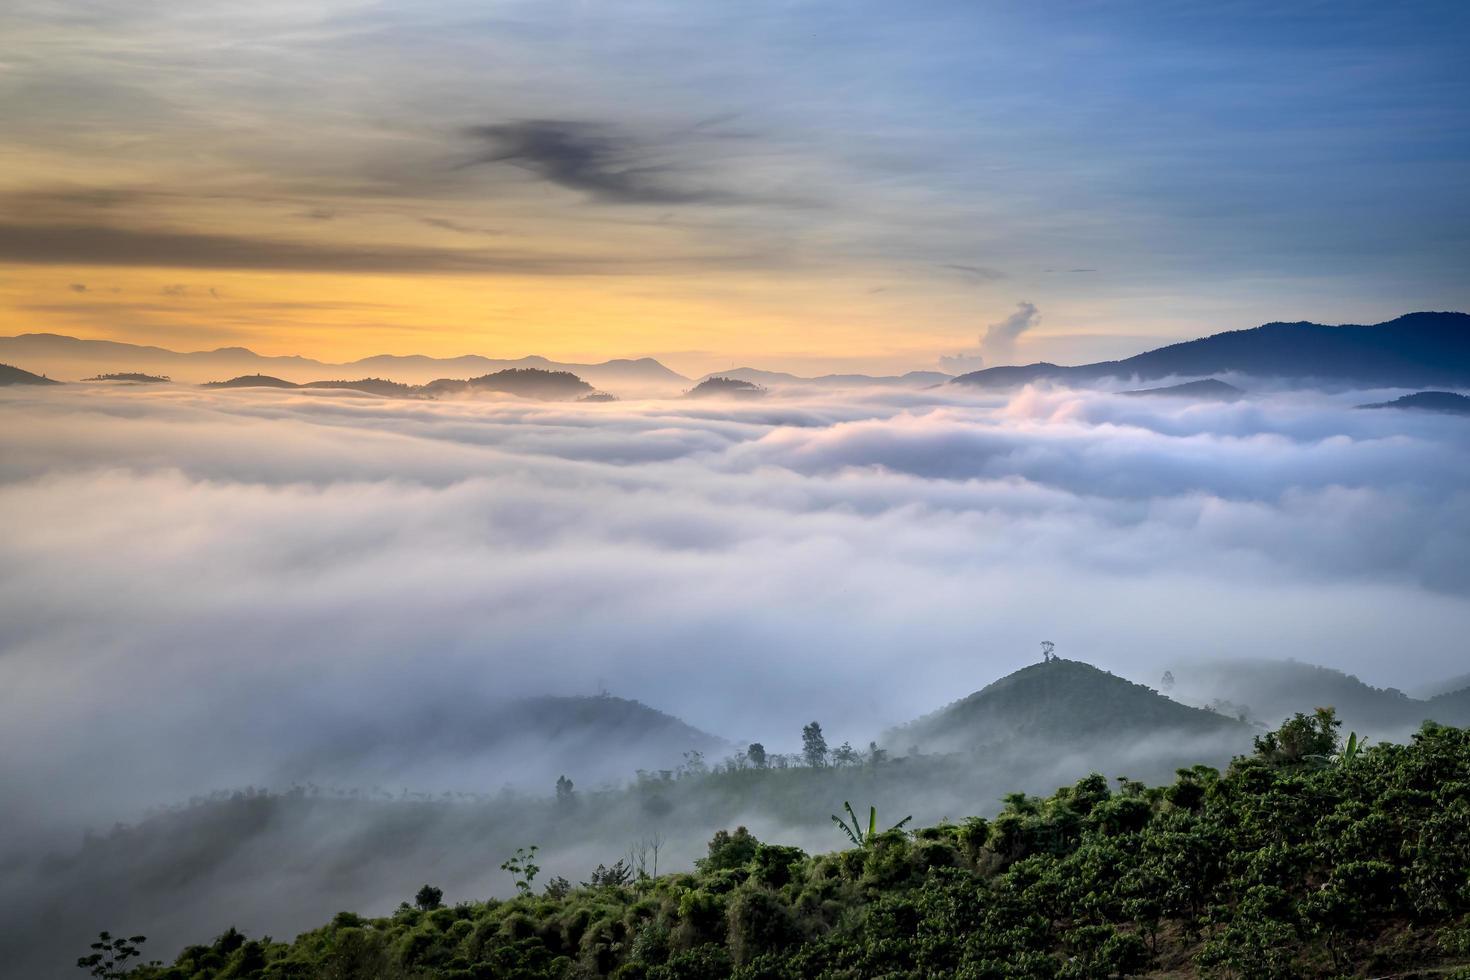 alberi che si affacciano sulle colline nebbiose foto